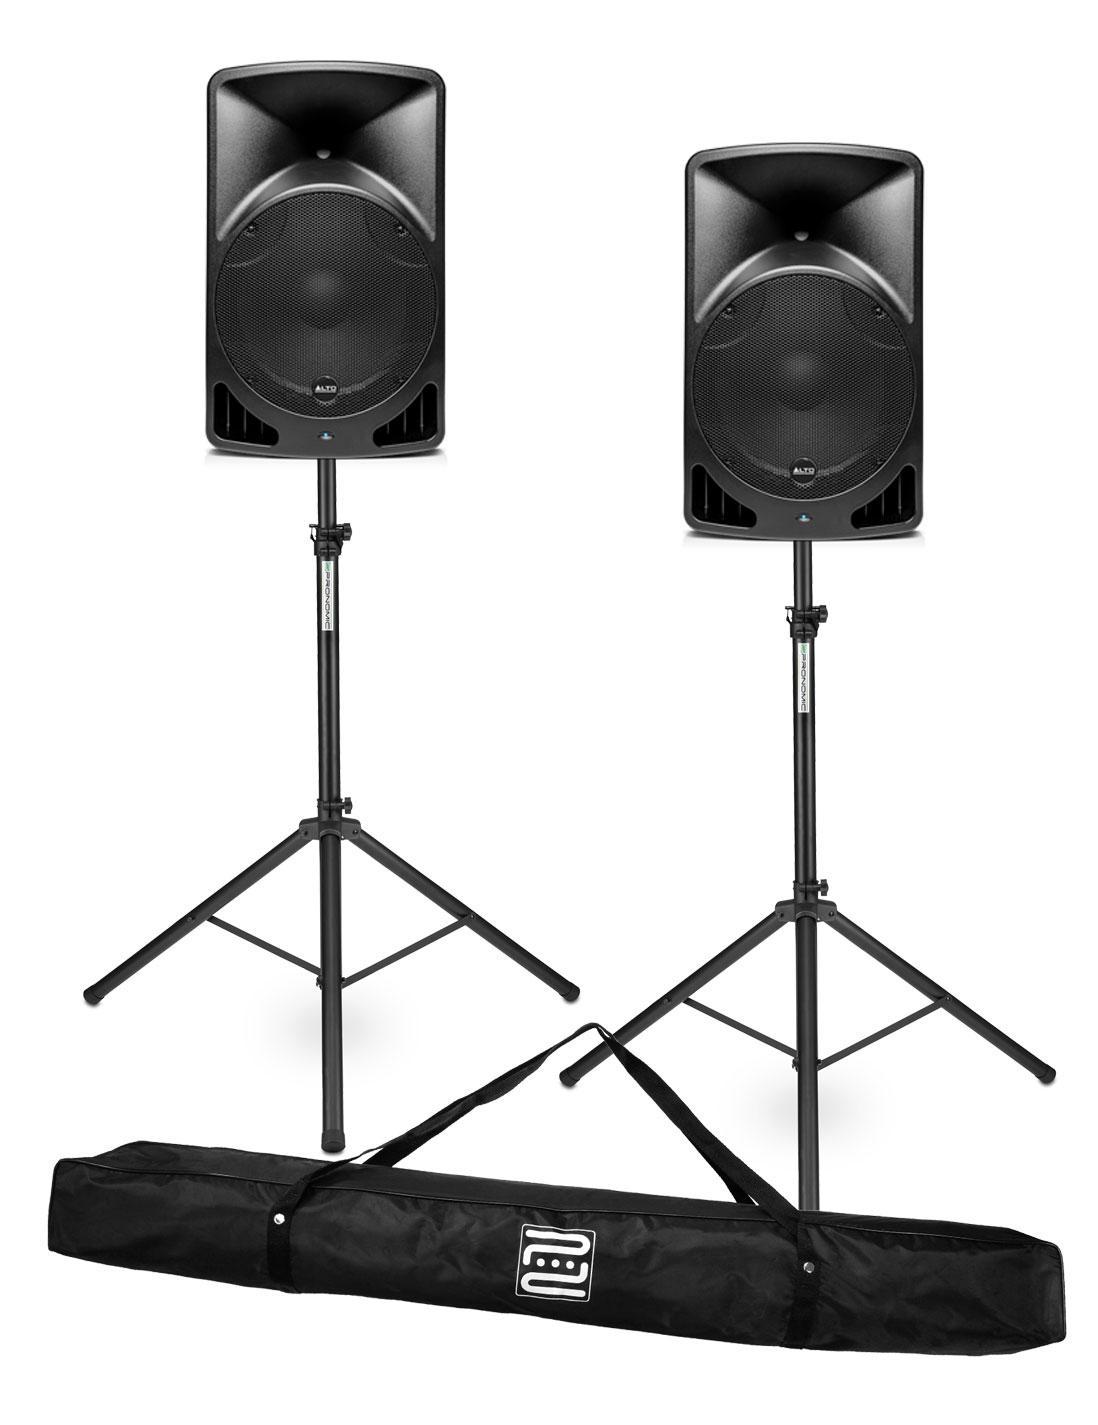 Alto TX15 Aktiver Fullrange Lautsprecher SET 2x Alto TX15, 2x Stativ inkl. Tasche